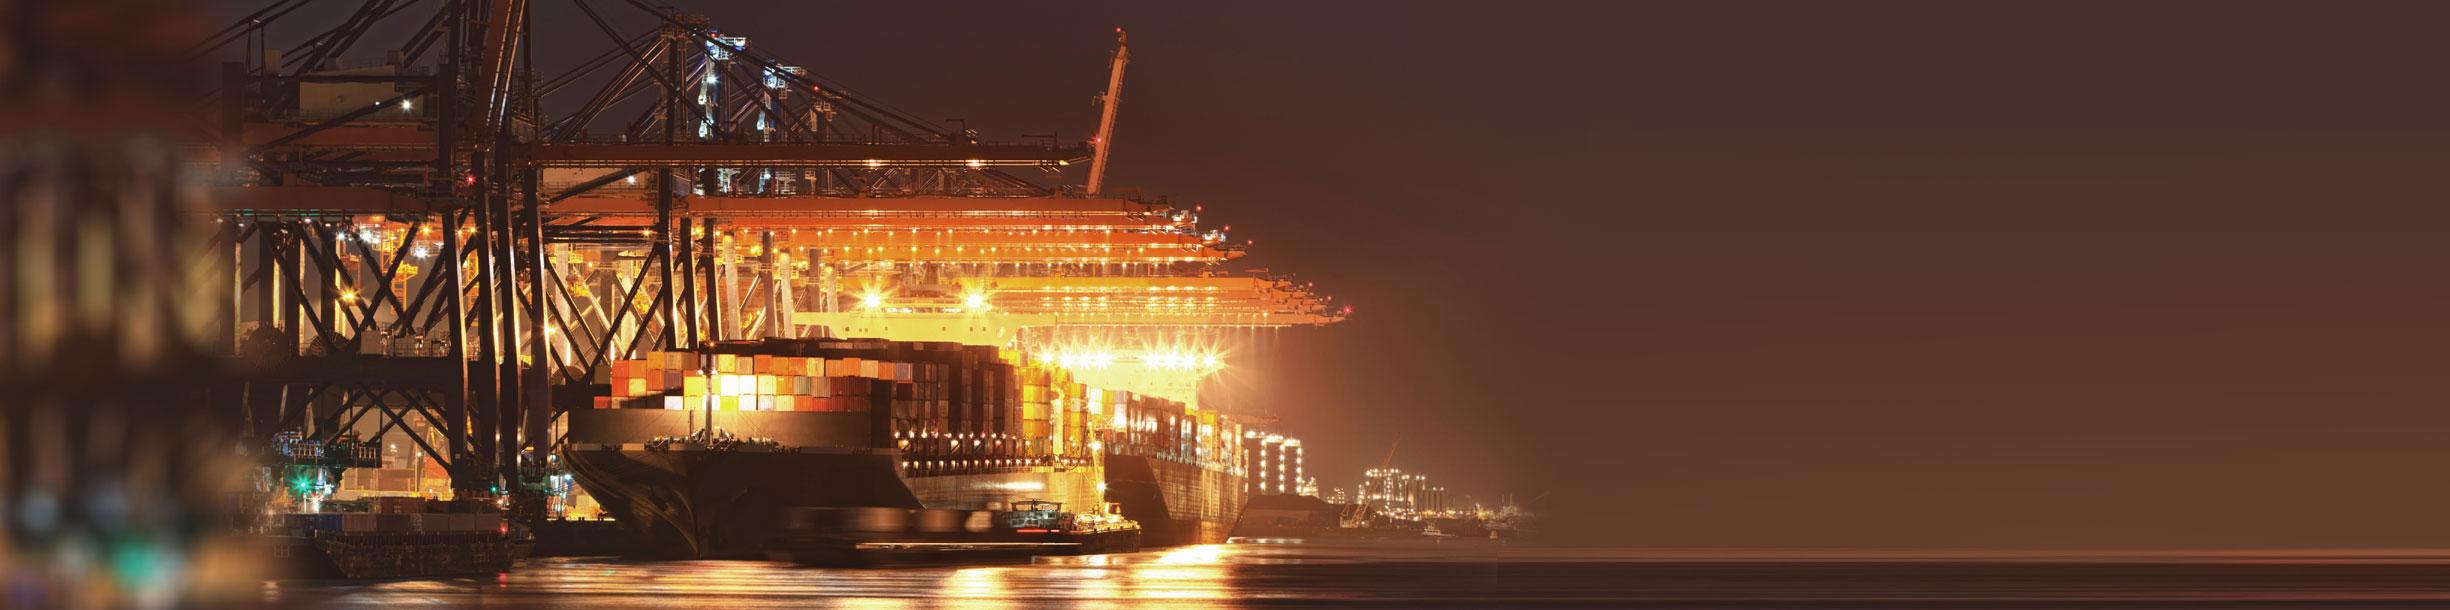 containerschiff-slider